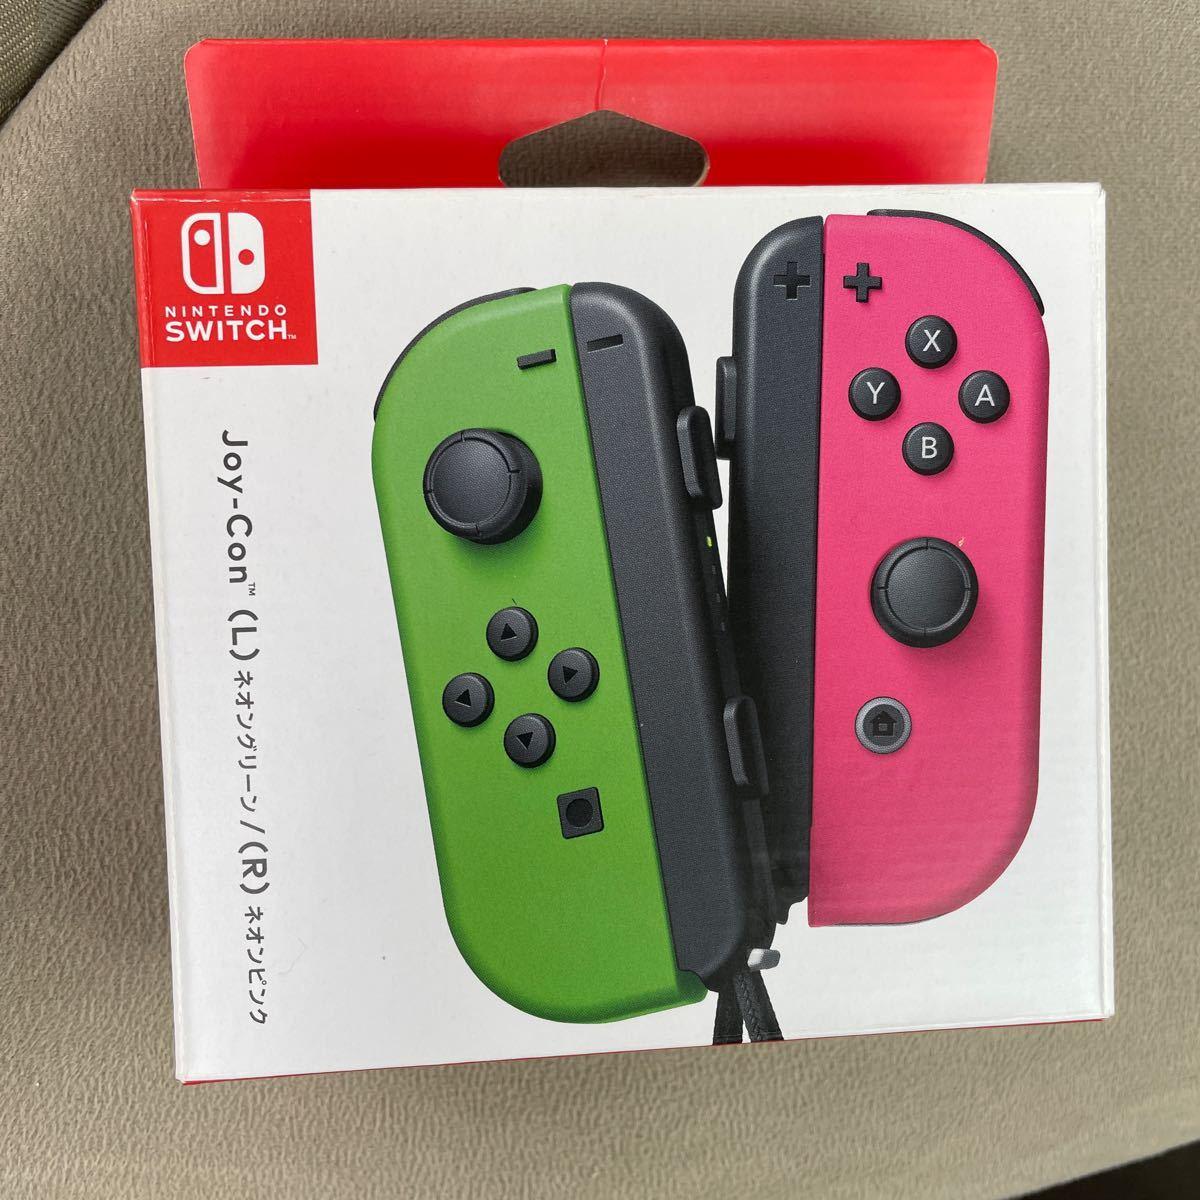 【新品未使用品】 ジョイコン 任天堂 スイッチ Joy-Con ネオングリーン/ネオンピンク 新品の Switch ケース付き